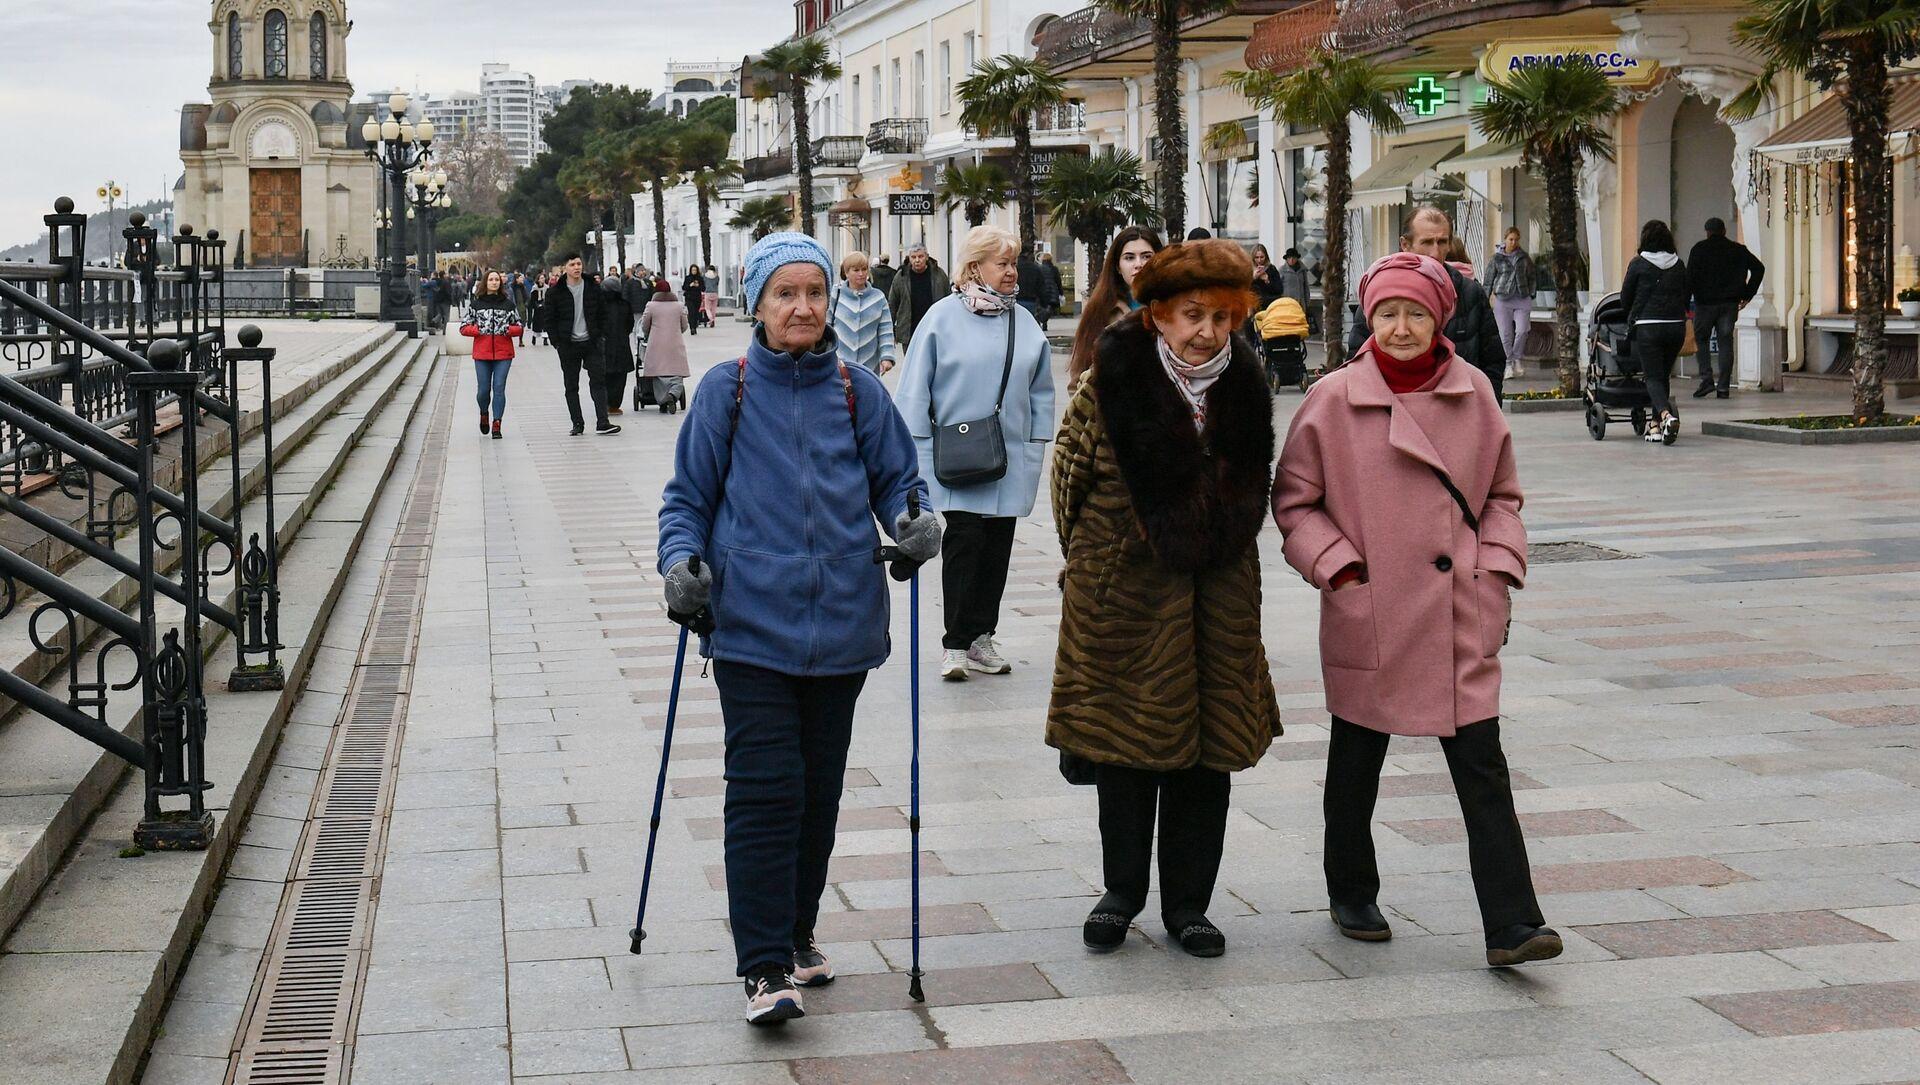 Varios peatones pasean por las calles de Yalta, en Crimea, Rusia, febrero de 2021 - Sputnik Mundo, 1920, 05.02.2021